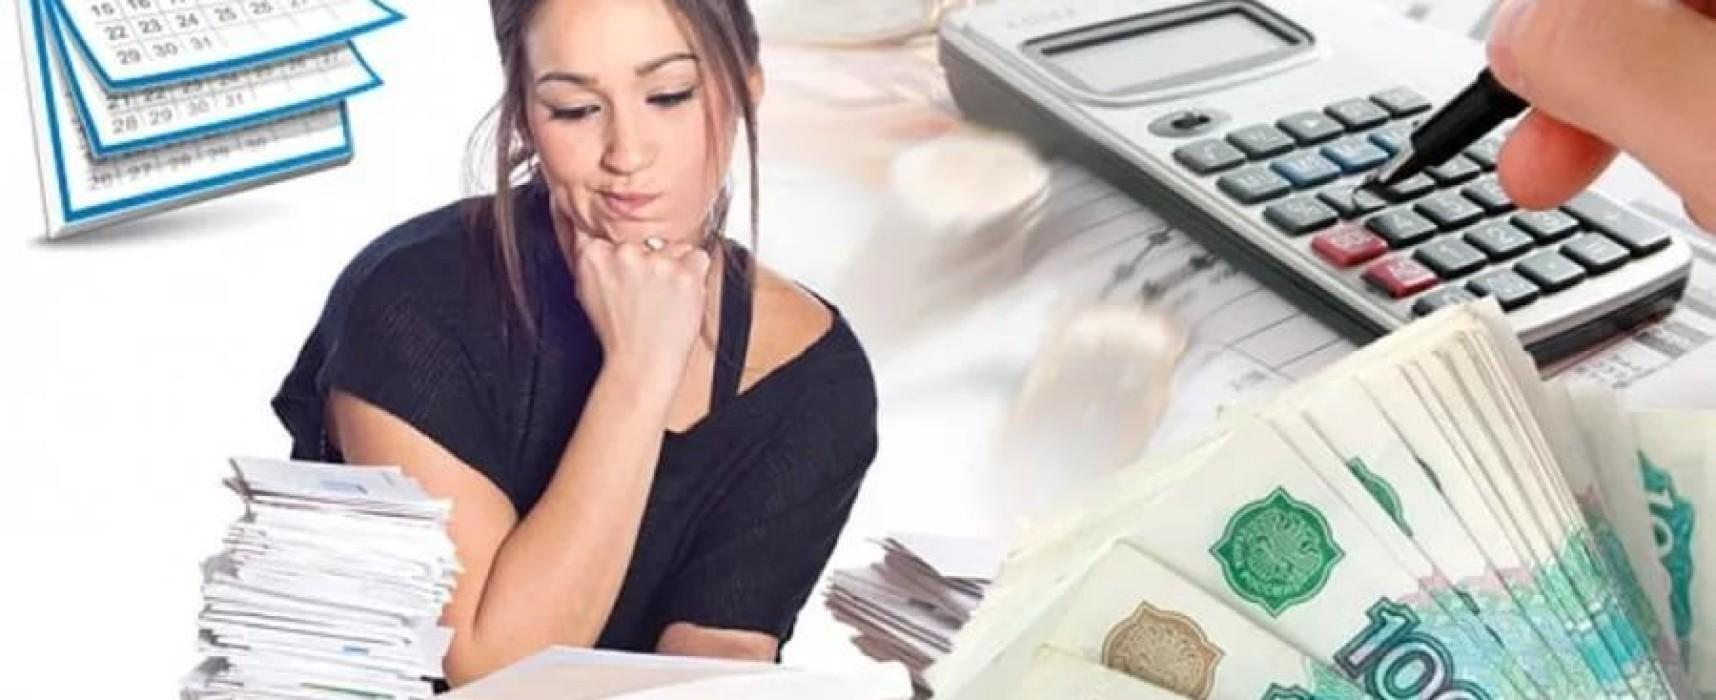 Дополнительные суммы, выплачиваемые с пенсией (доплаты)